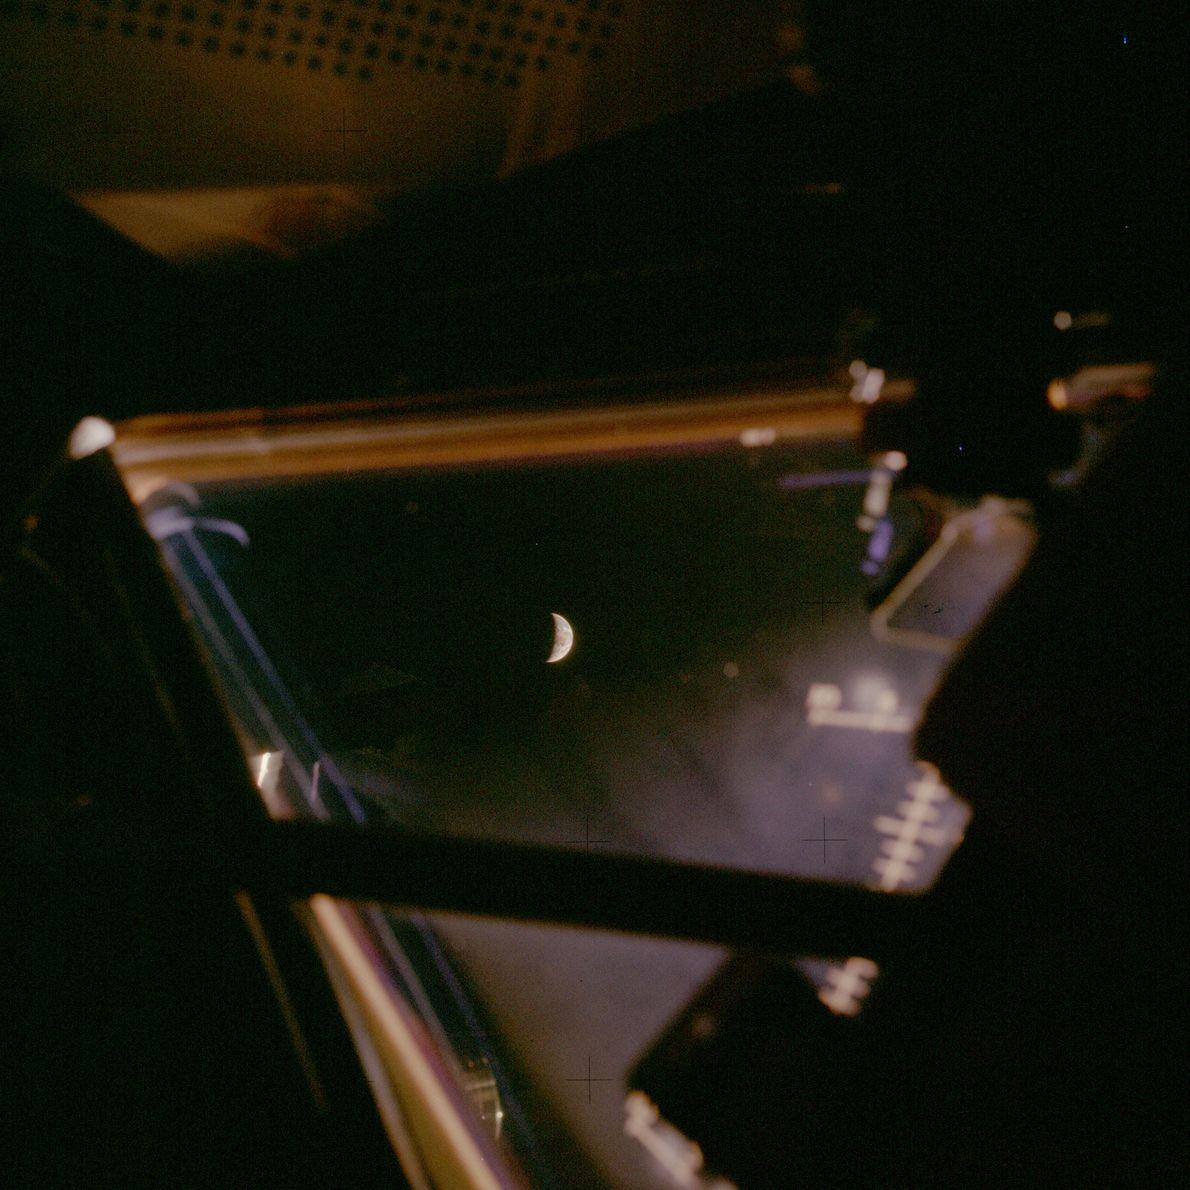 La Tierra vista desde la Apolo 13.